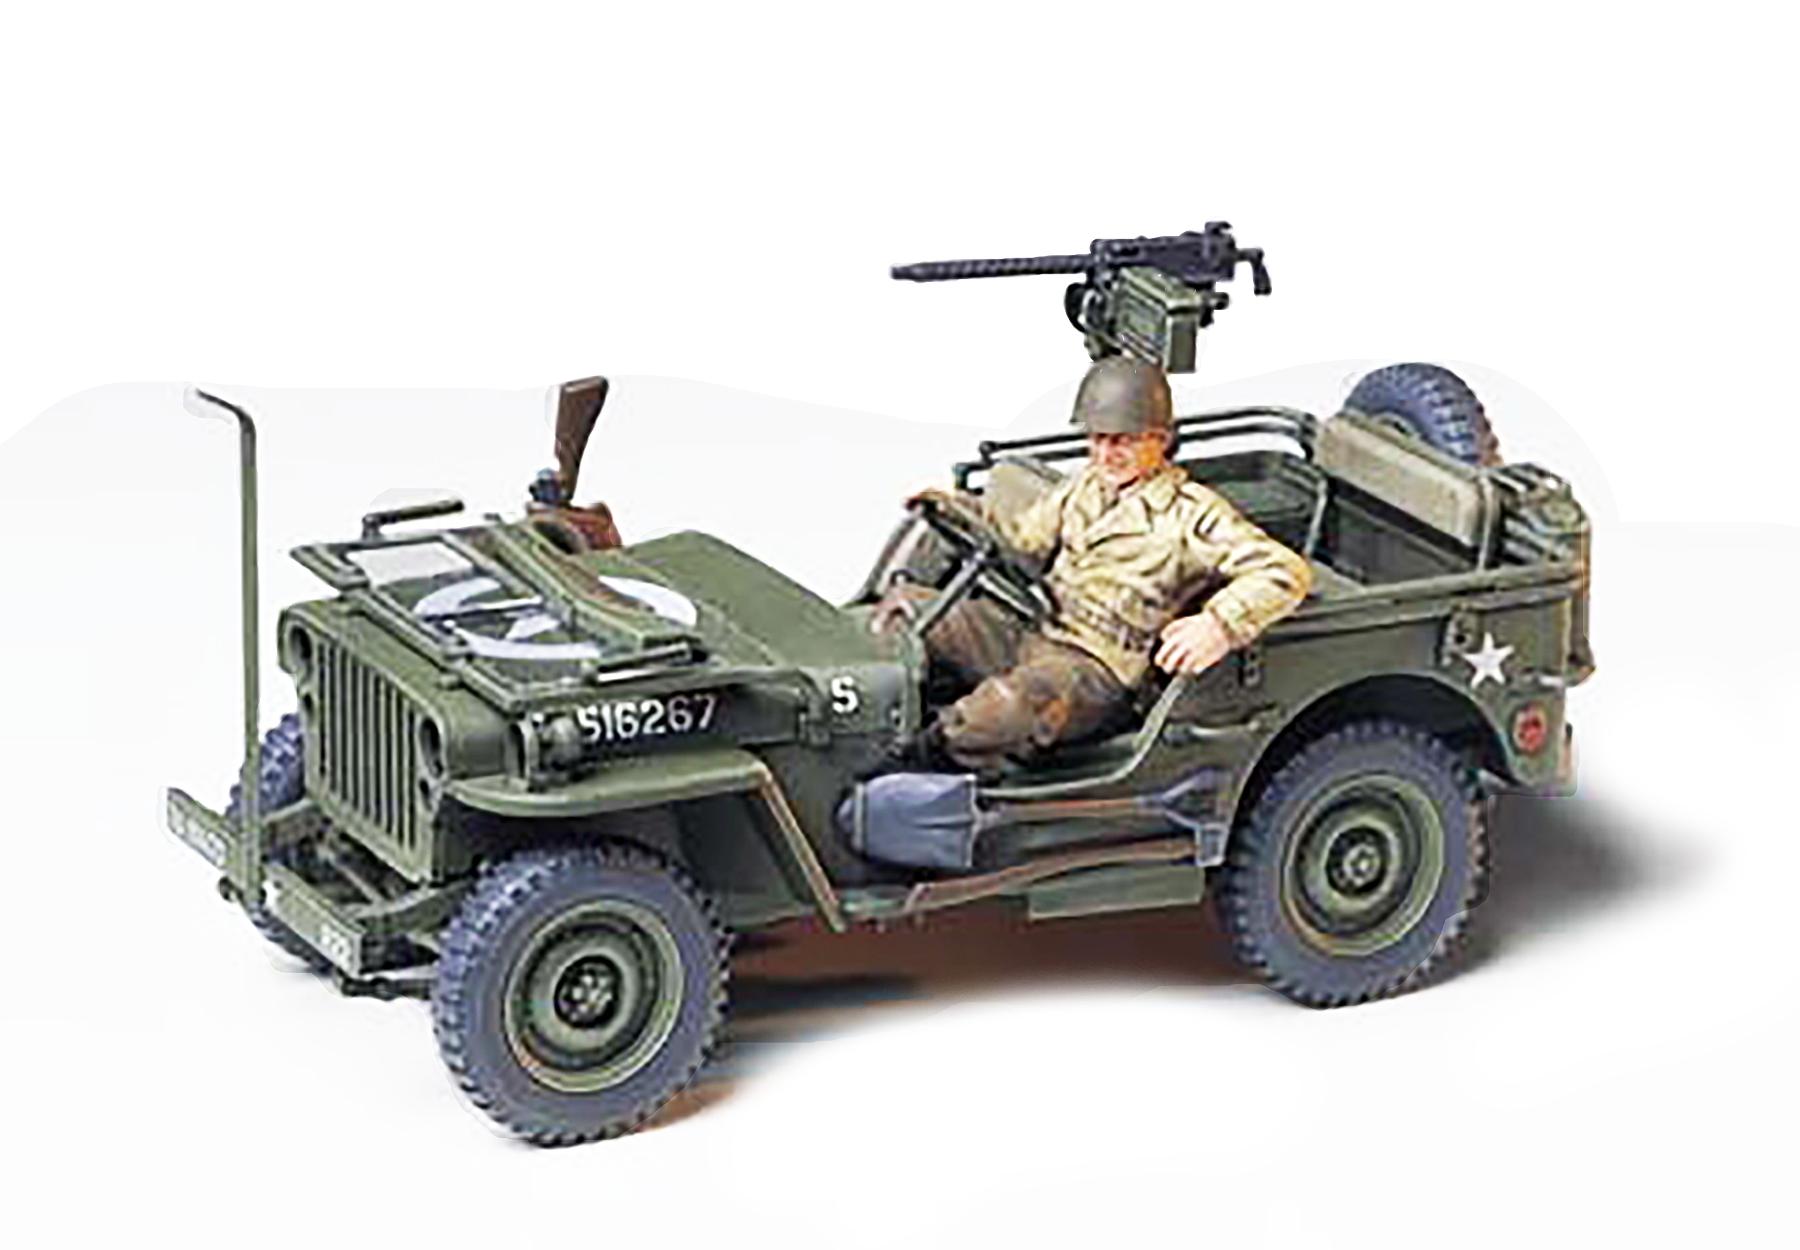 Tamiya 1//35 Military Miniature Series No.219 US Army U.S Jeep Willis MB Pl